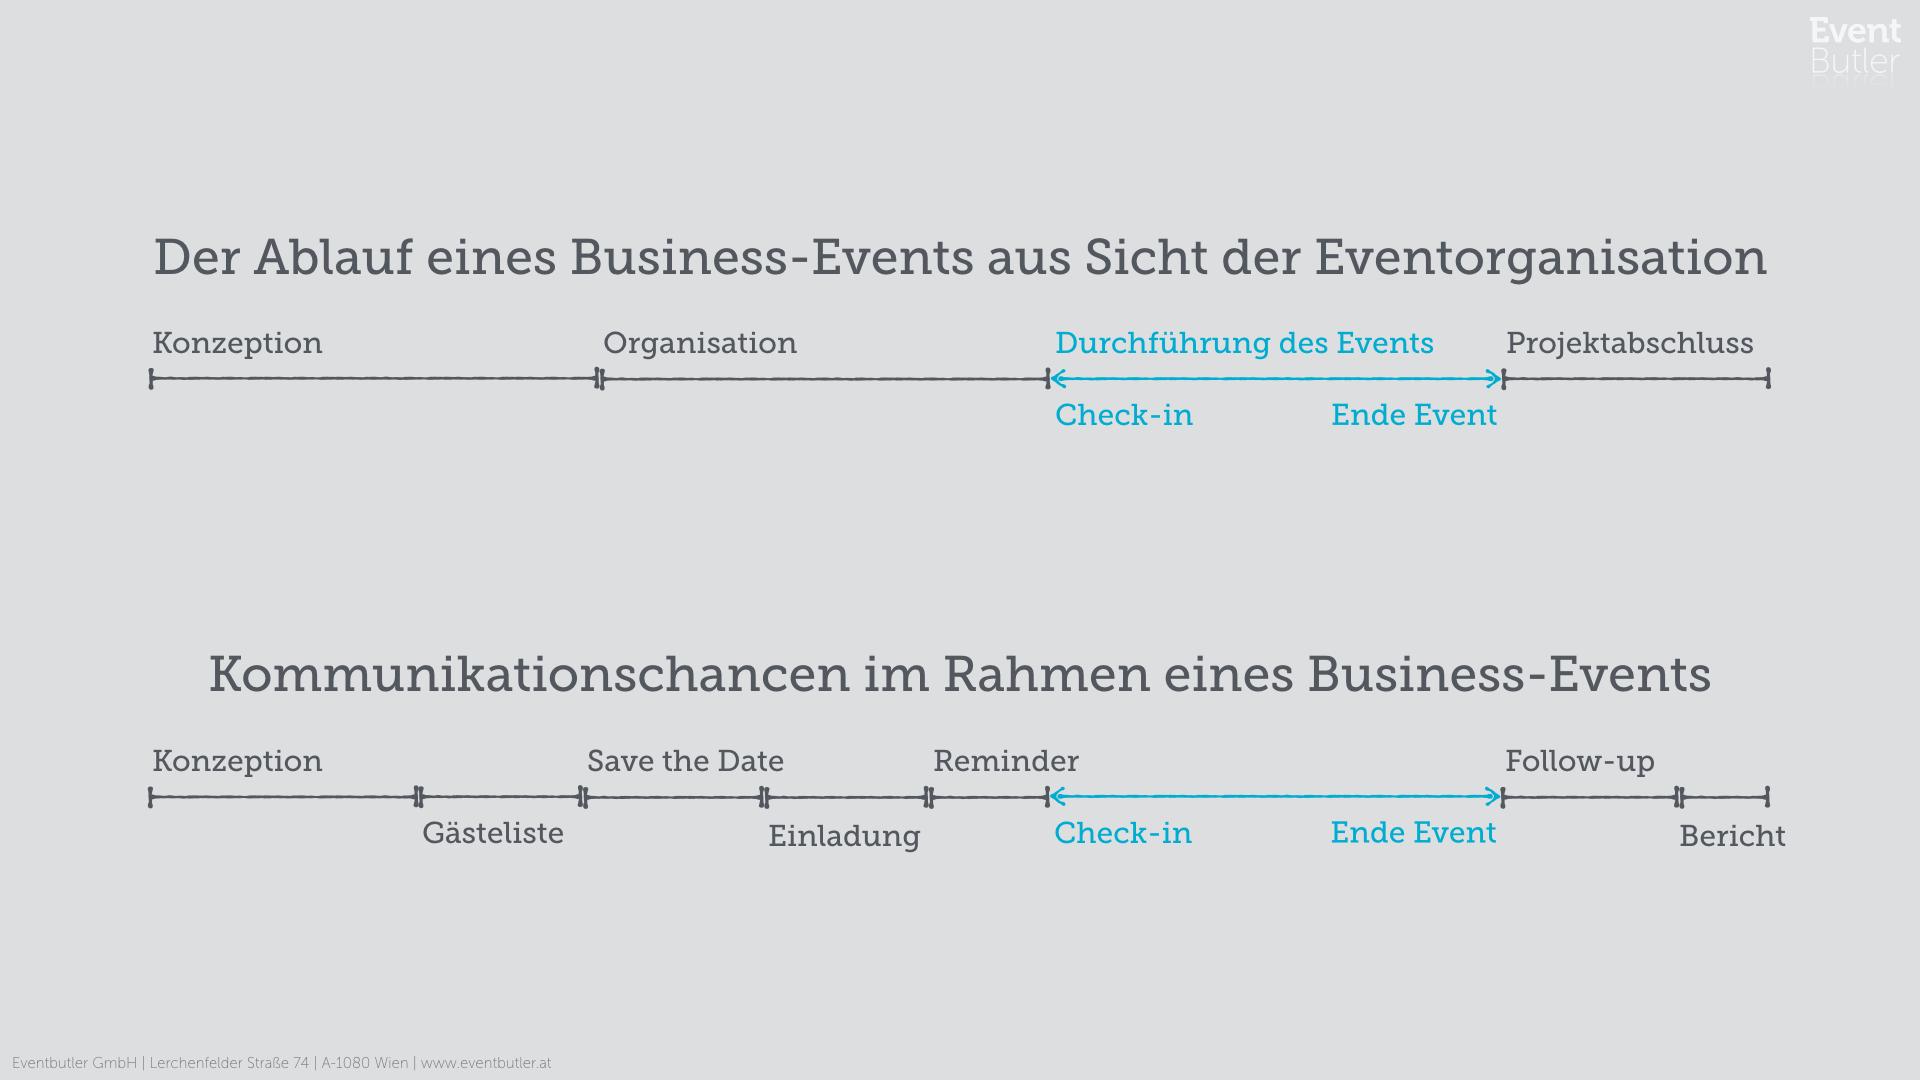 Ablauf eines Business-Events